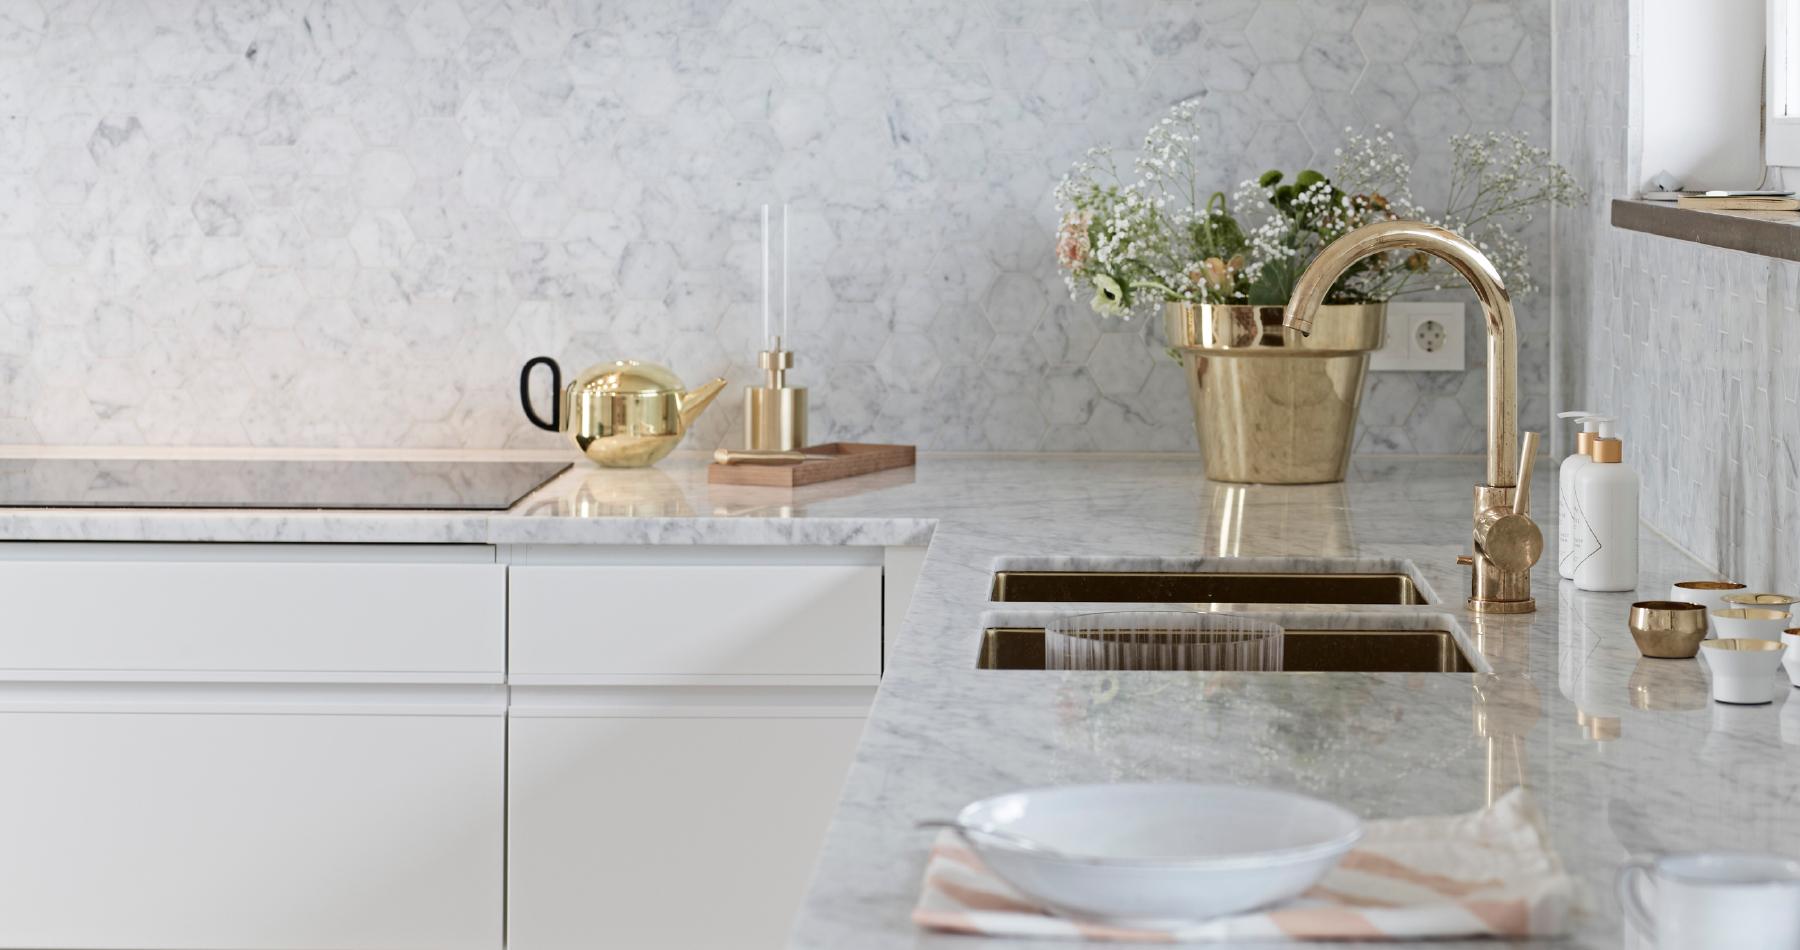 Kok Och Kakelspecialisten :   Hemma hos familjen Enhorning o Nytt kok badrum och tvottstuga